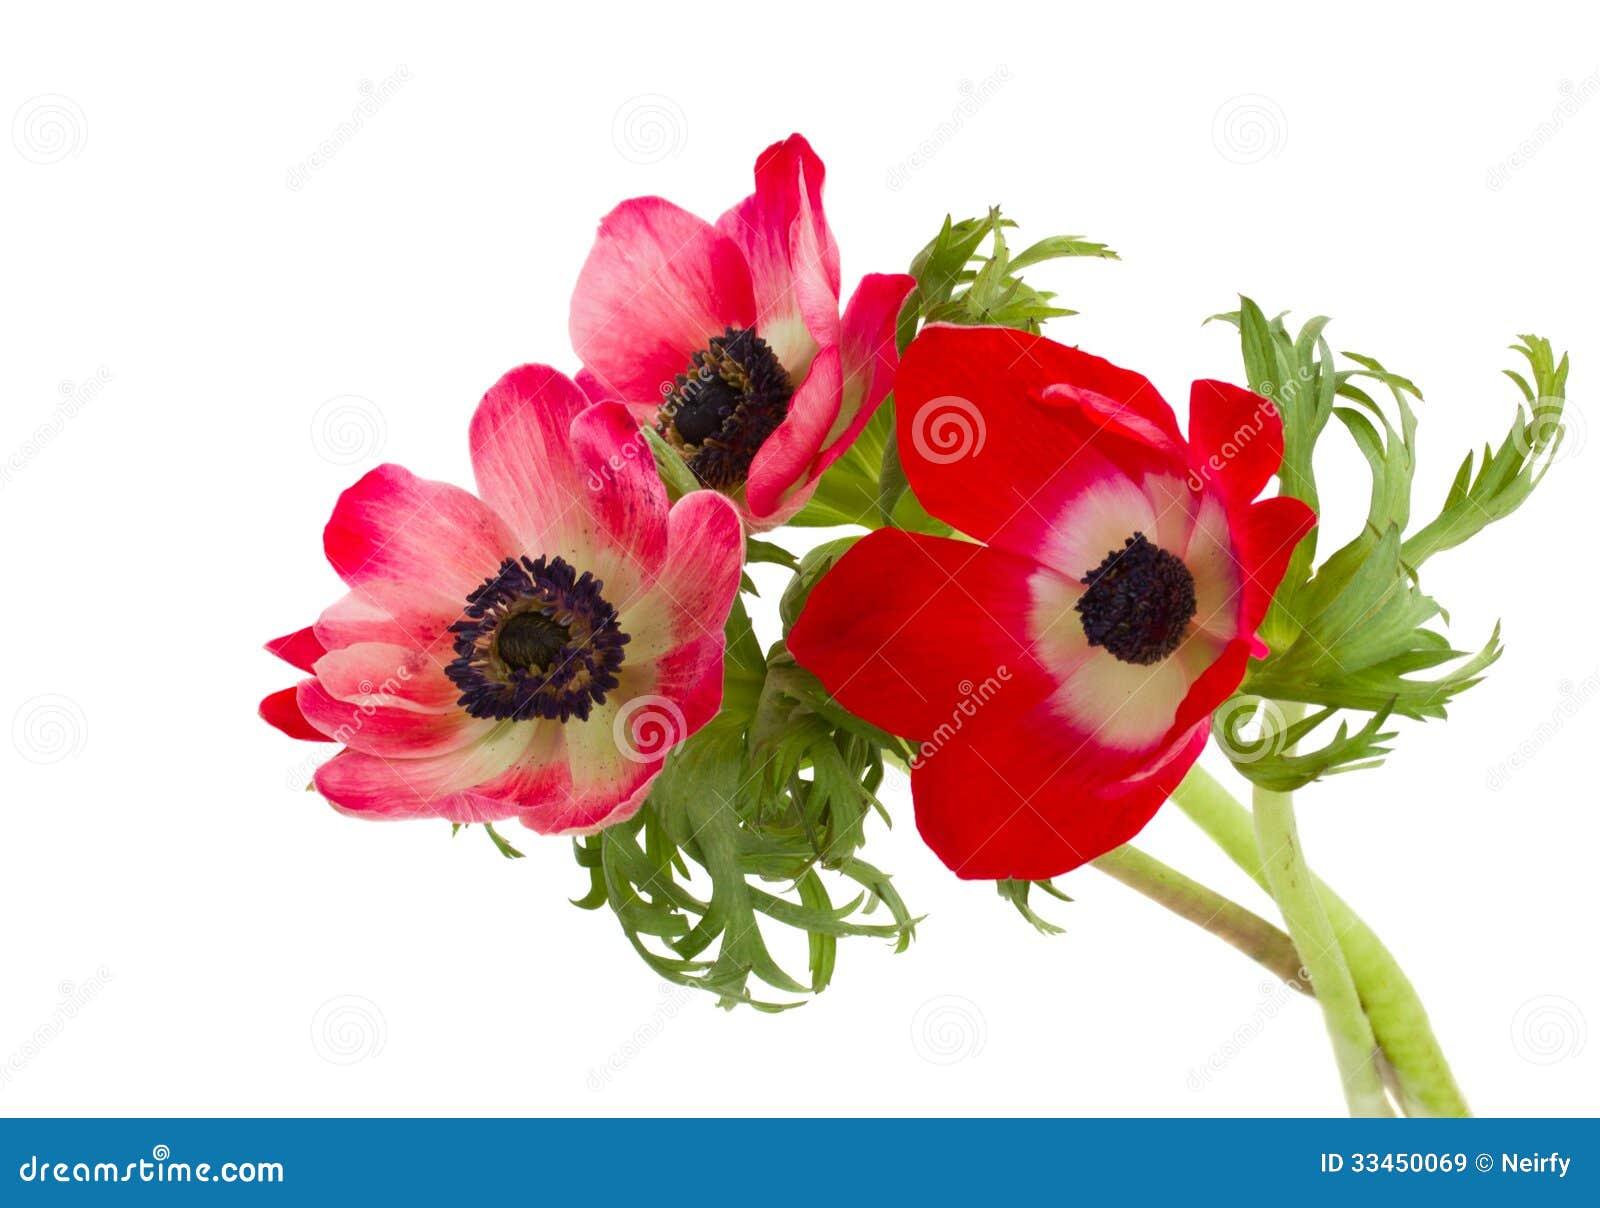 petit bouquet des fleurs d 39 an mone images libres de droits image 33450069. Black Bedroom Furniture Sets. Home Design Ideas